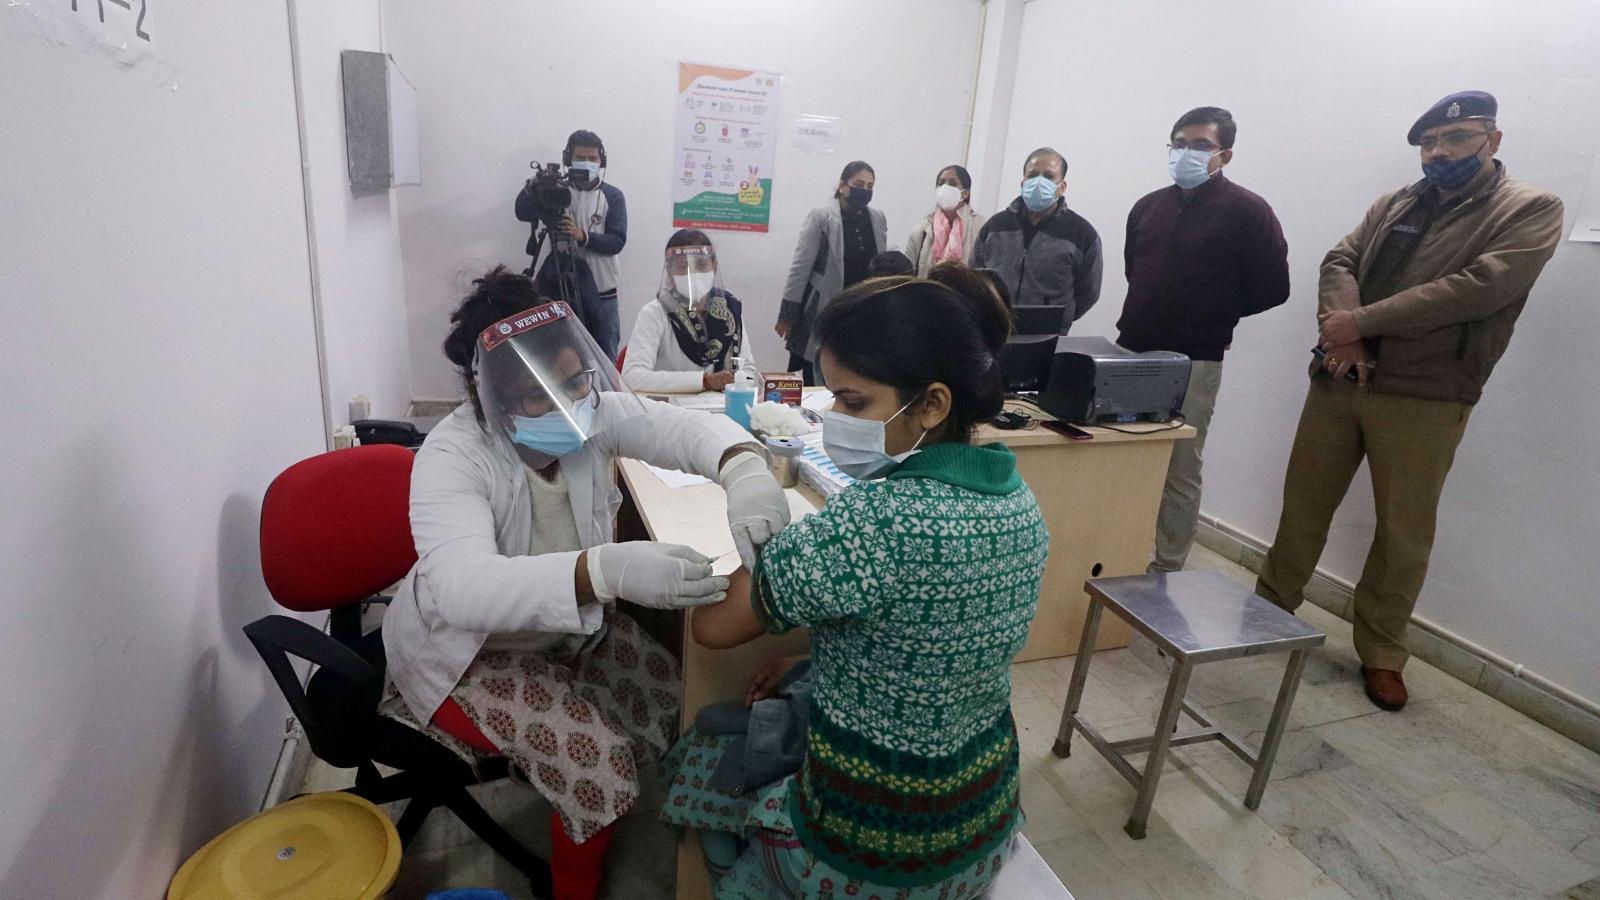 Ấn Độ diễn tập tiêm chủng đại trà vaccine Covid-19 lần 2